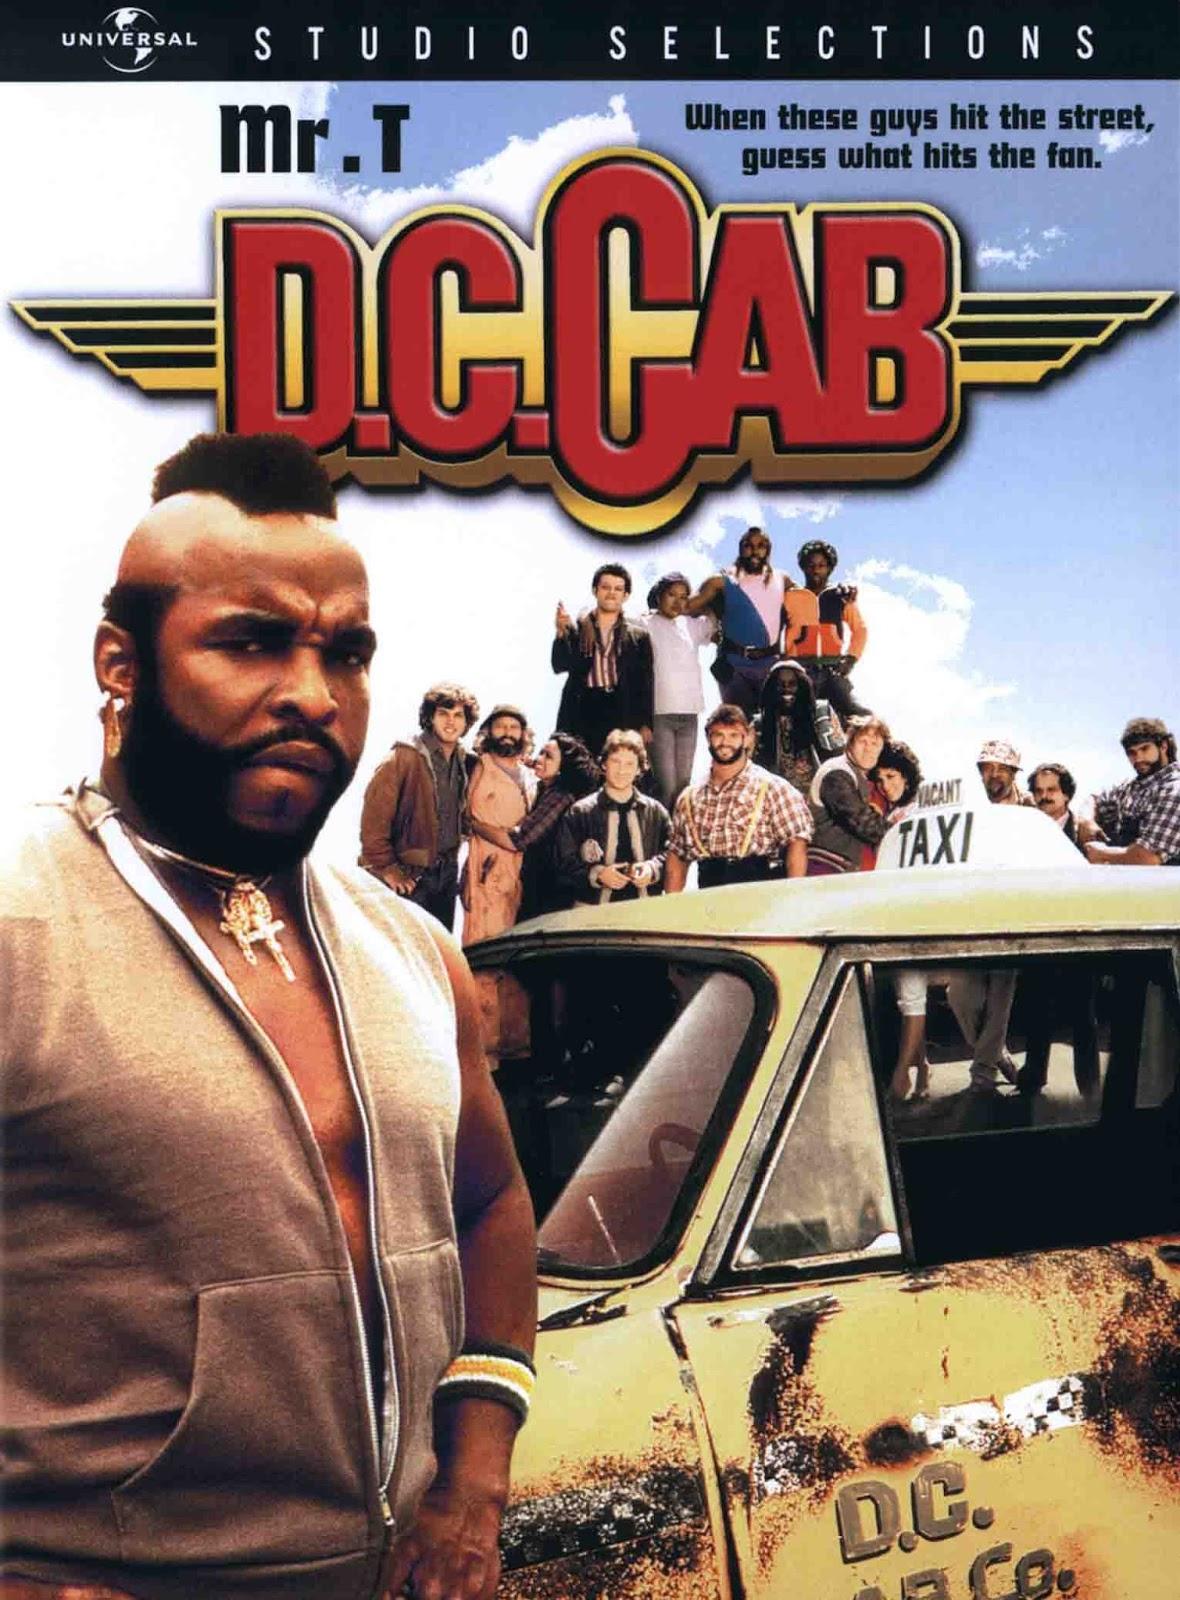 D.C. Cab Taxi Especial Torrent - Blu-ray Rip 1080p Dual Áudio (1983)